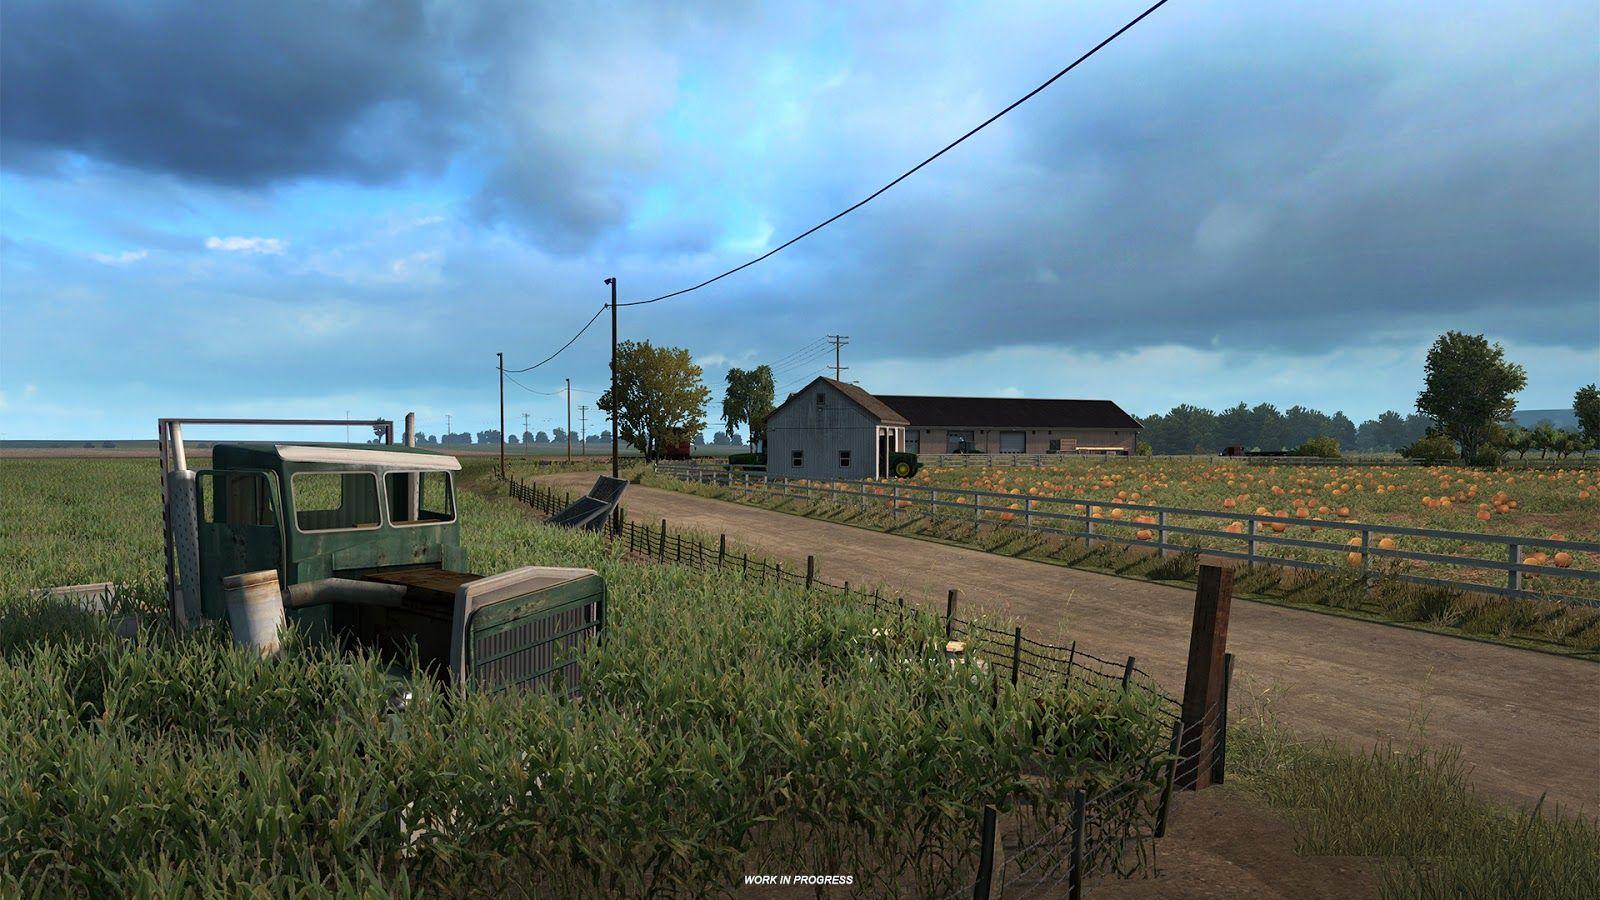 Первая информация о будущем дополнении с расширением карты American Truck Simulator